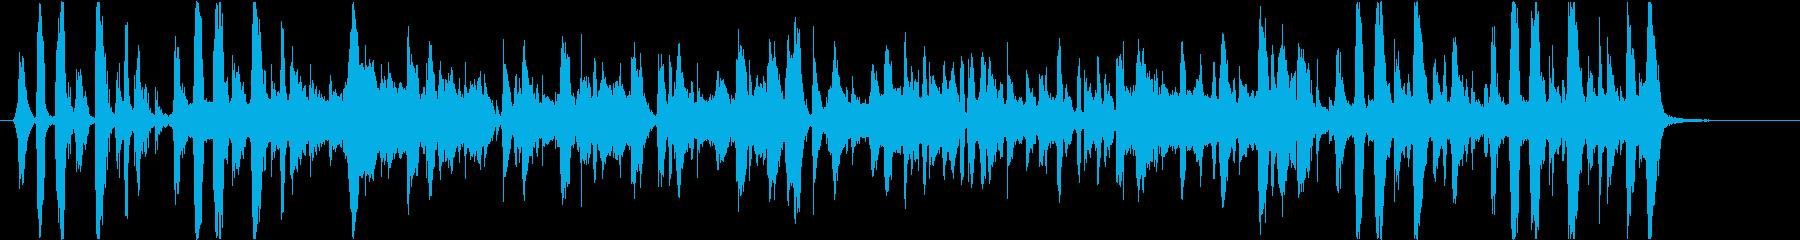 うなぎをテーマにした楽曲の再生済みの波形